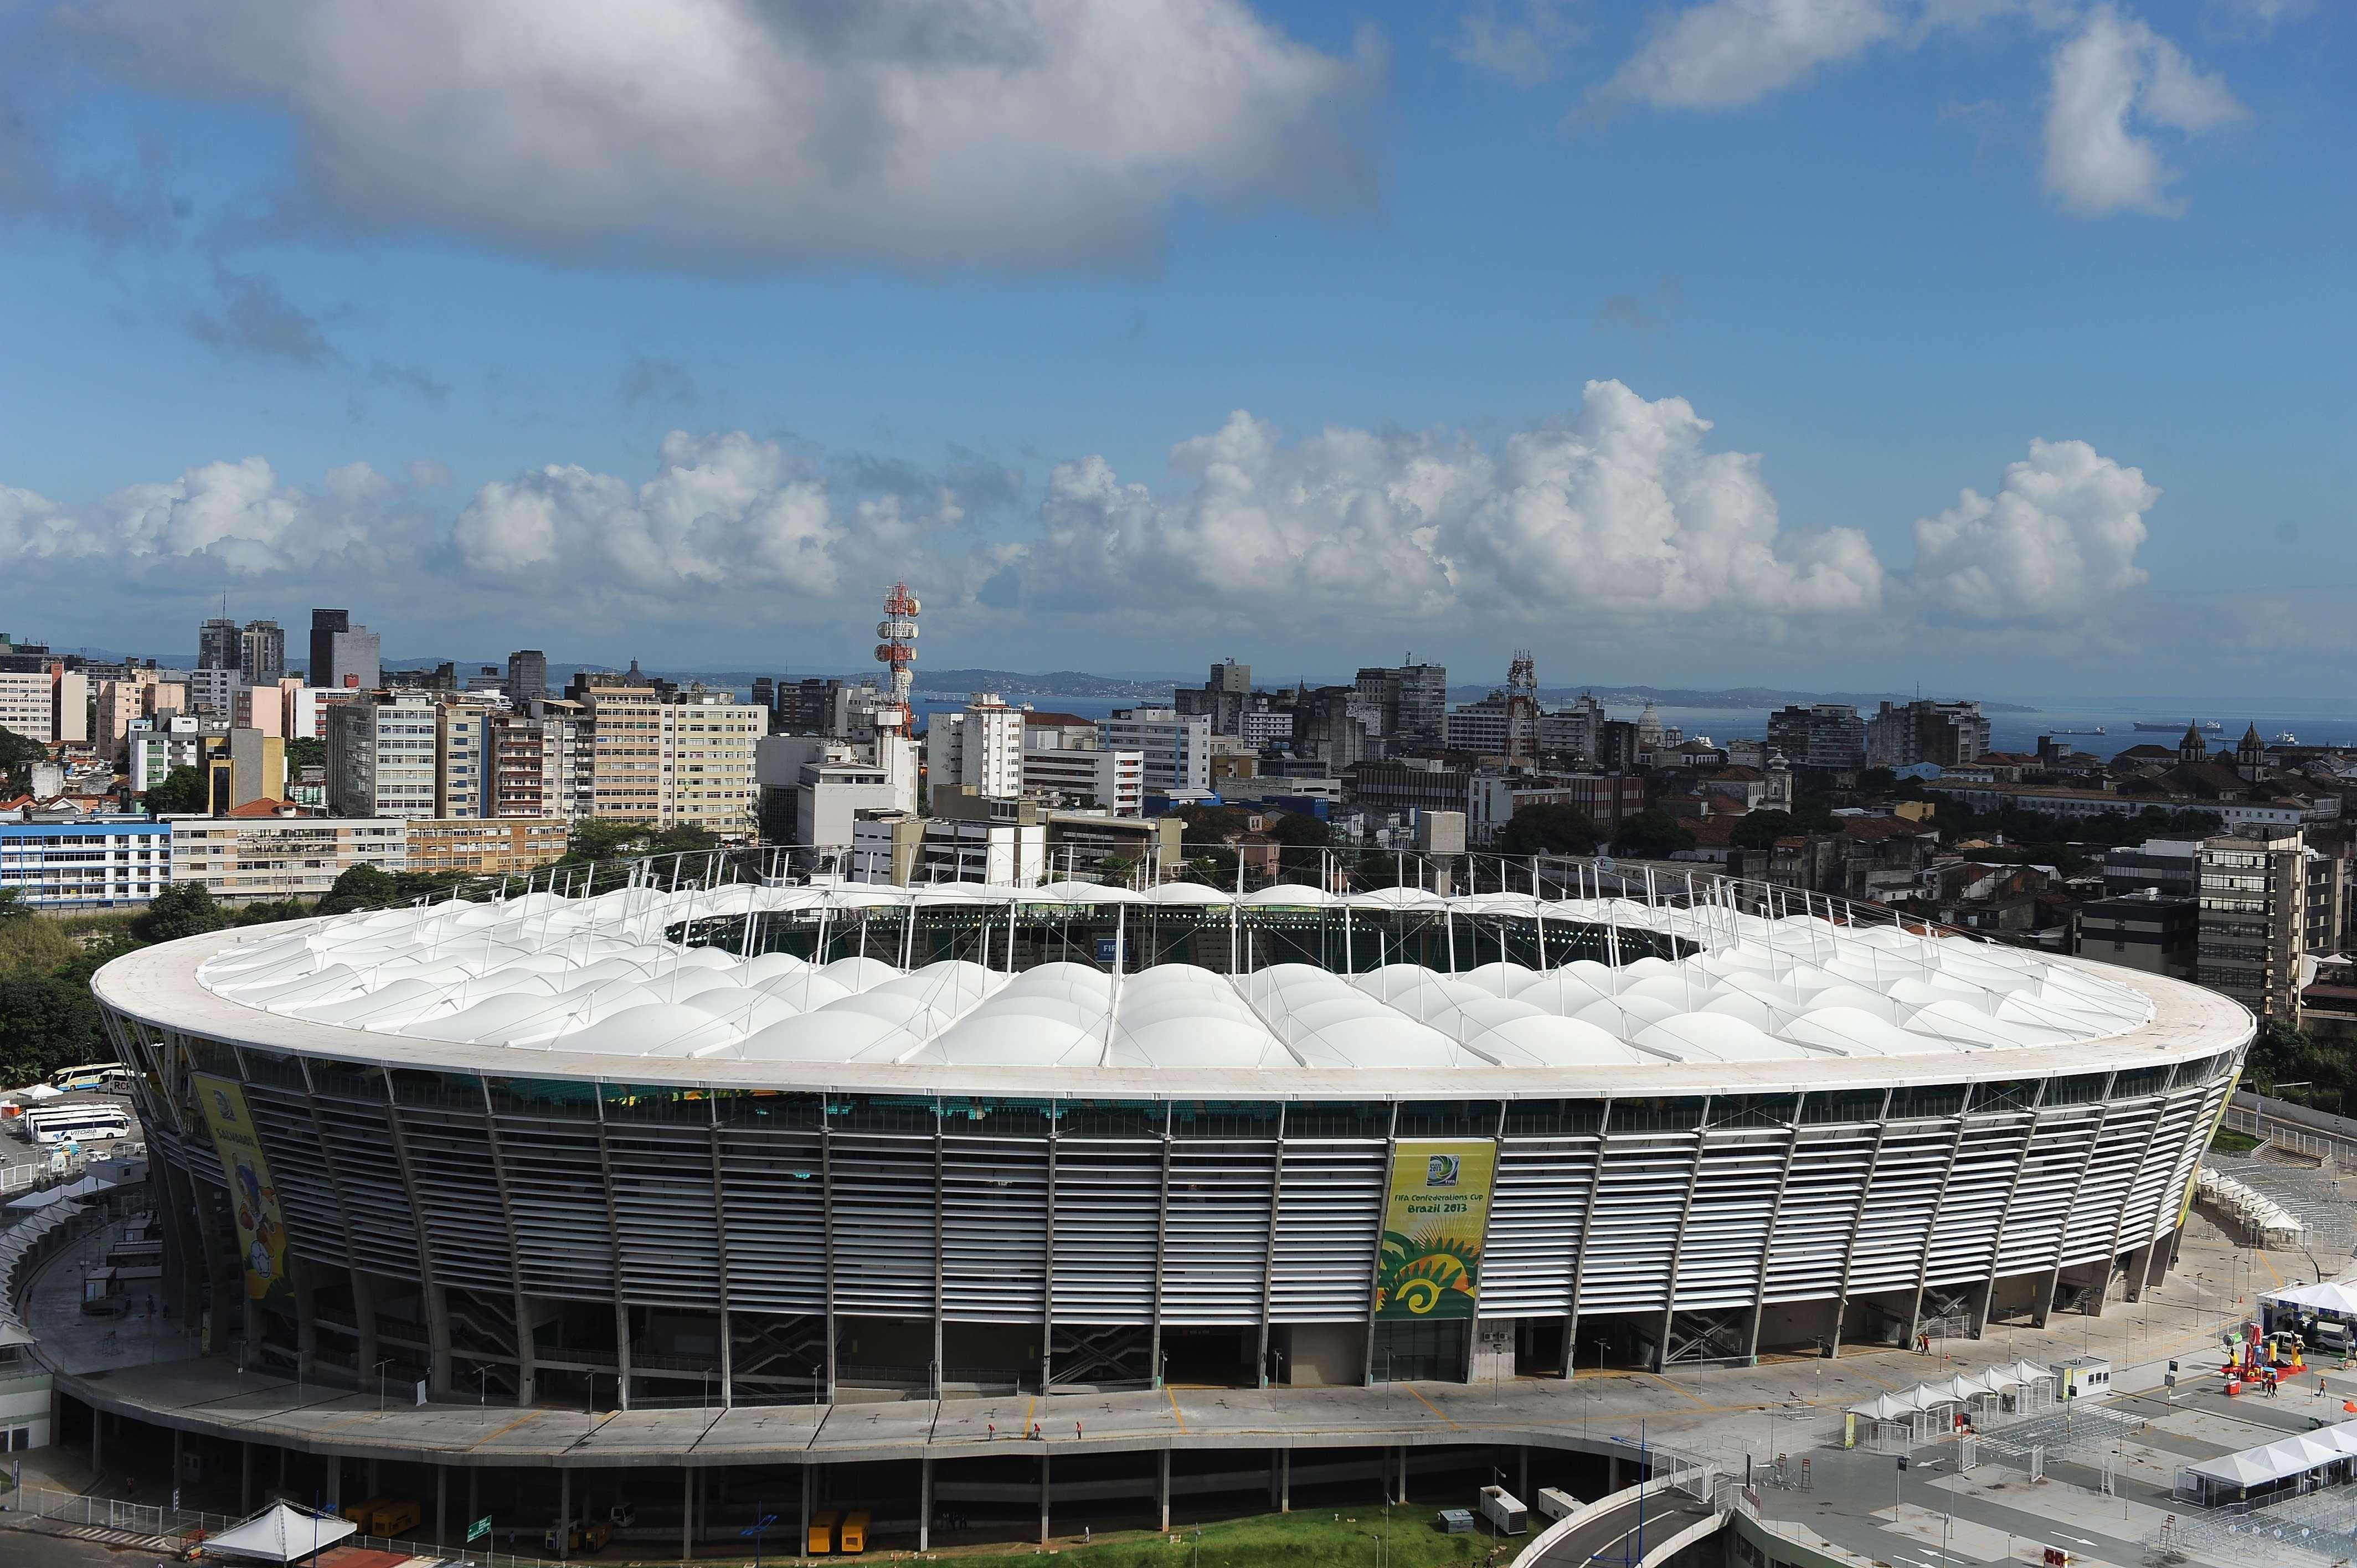 Sedes da Copa - Itaipava Arena Fonte Nova - http://esportes.terra.com.br/futebol/copa-2014/arena-fonte-nova